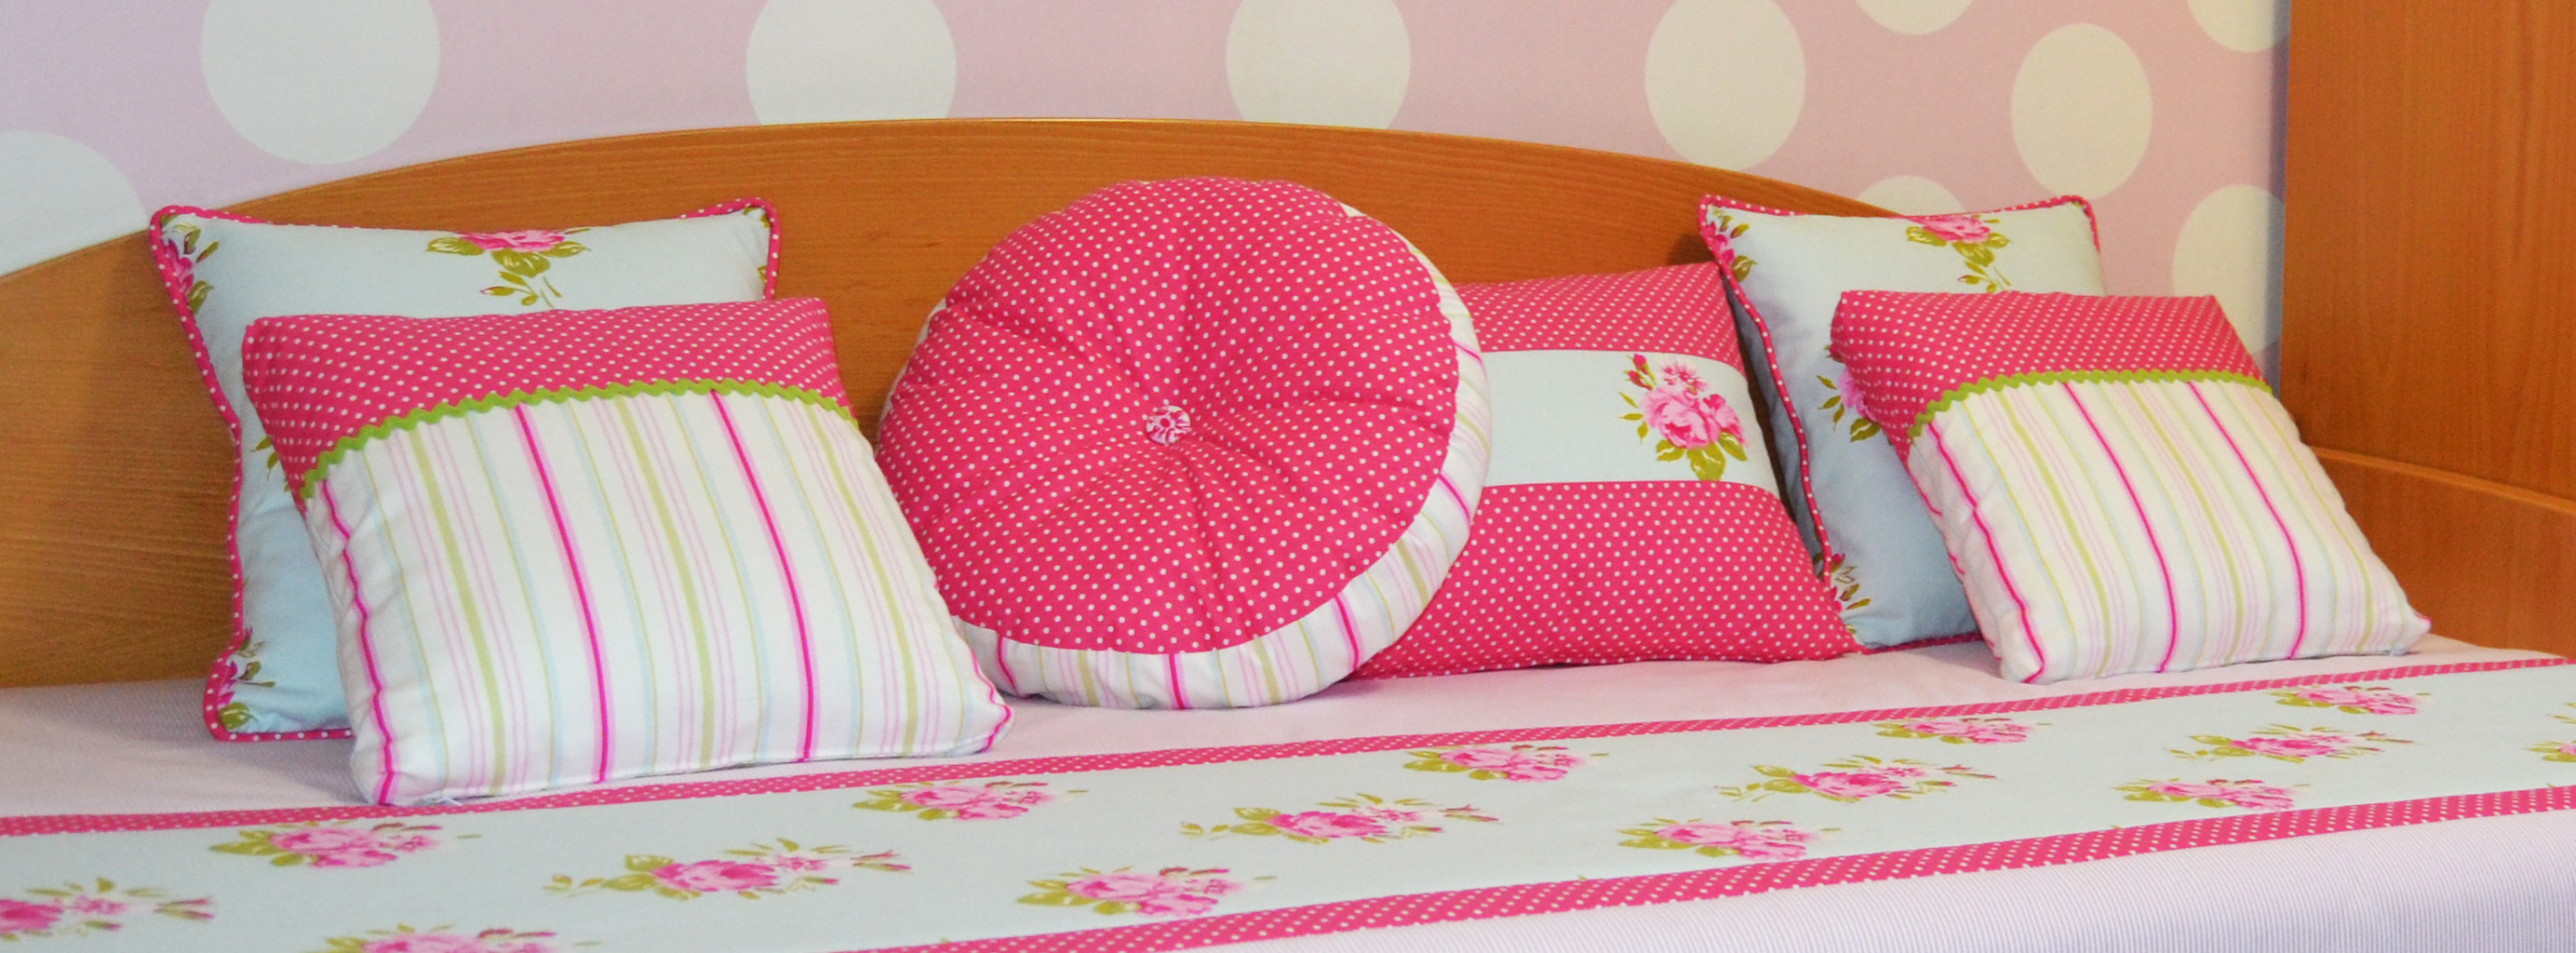 Combinando telas para un dormitorio juvenil villalba - Cojines grandes cama ...